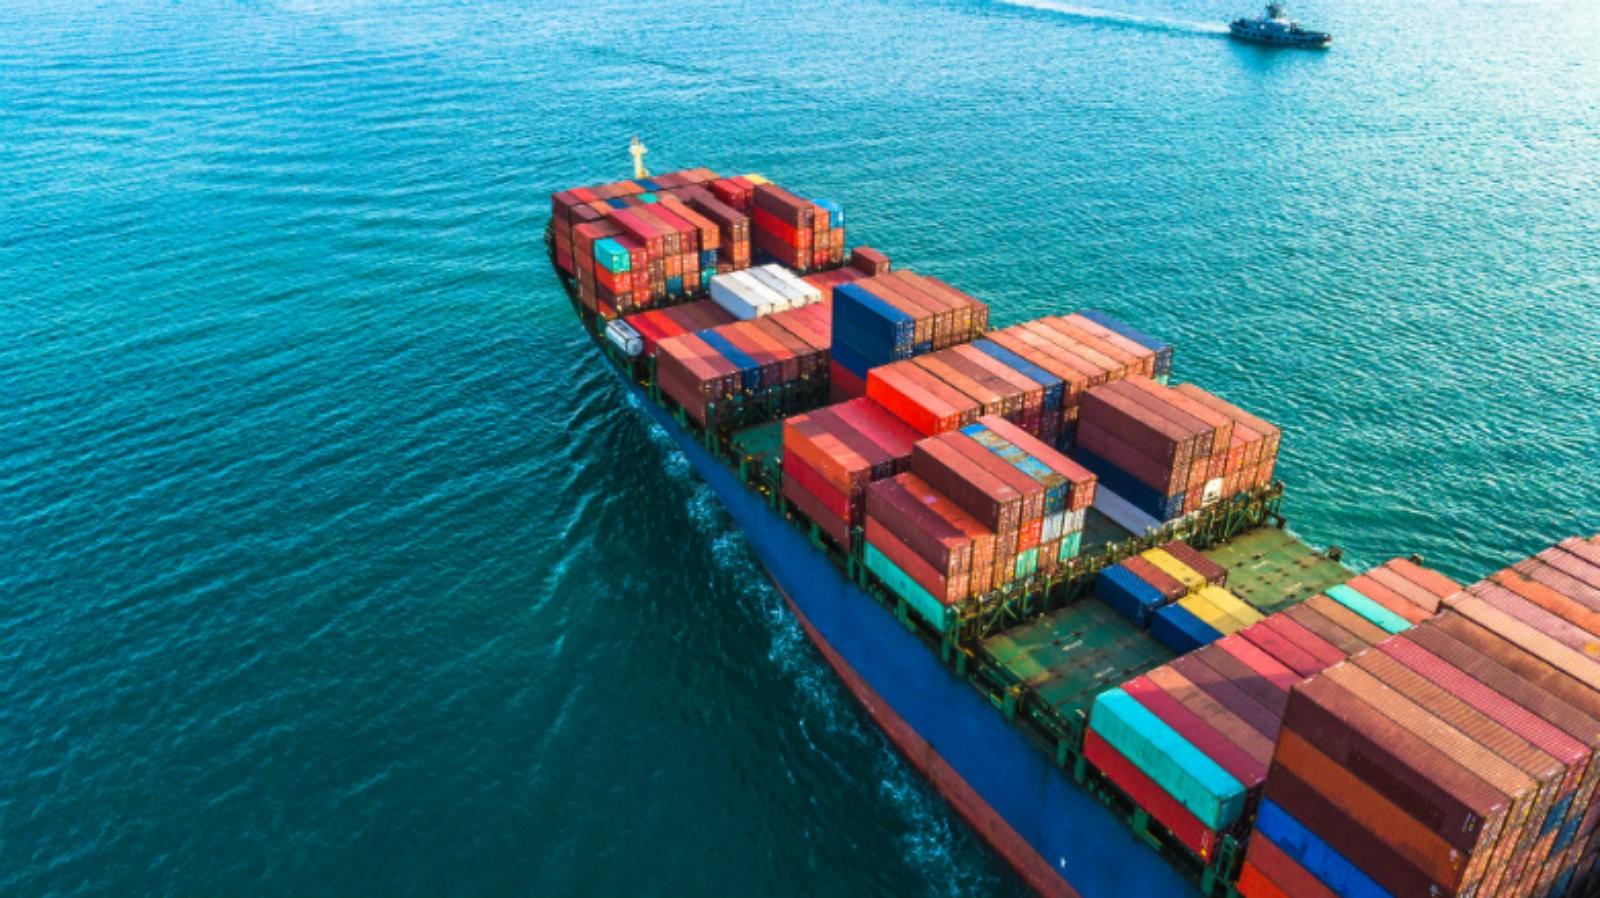 لجنة التعاون الأفريقي تطالب بتسهيل حركة نقل البضائع داخل القارة